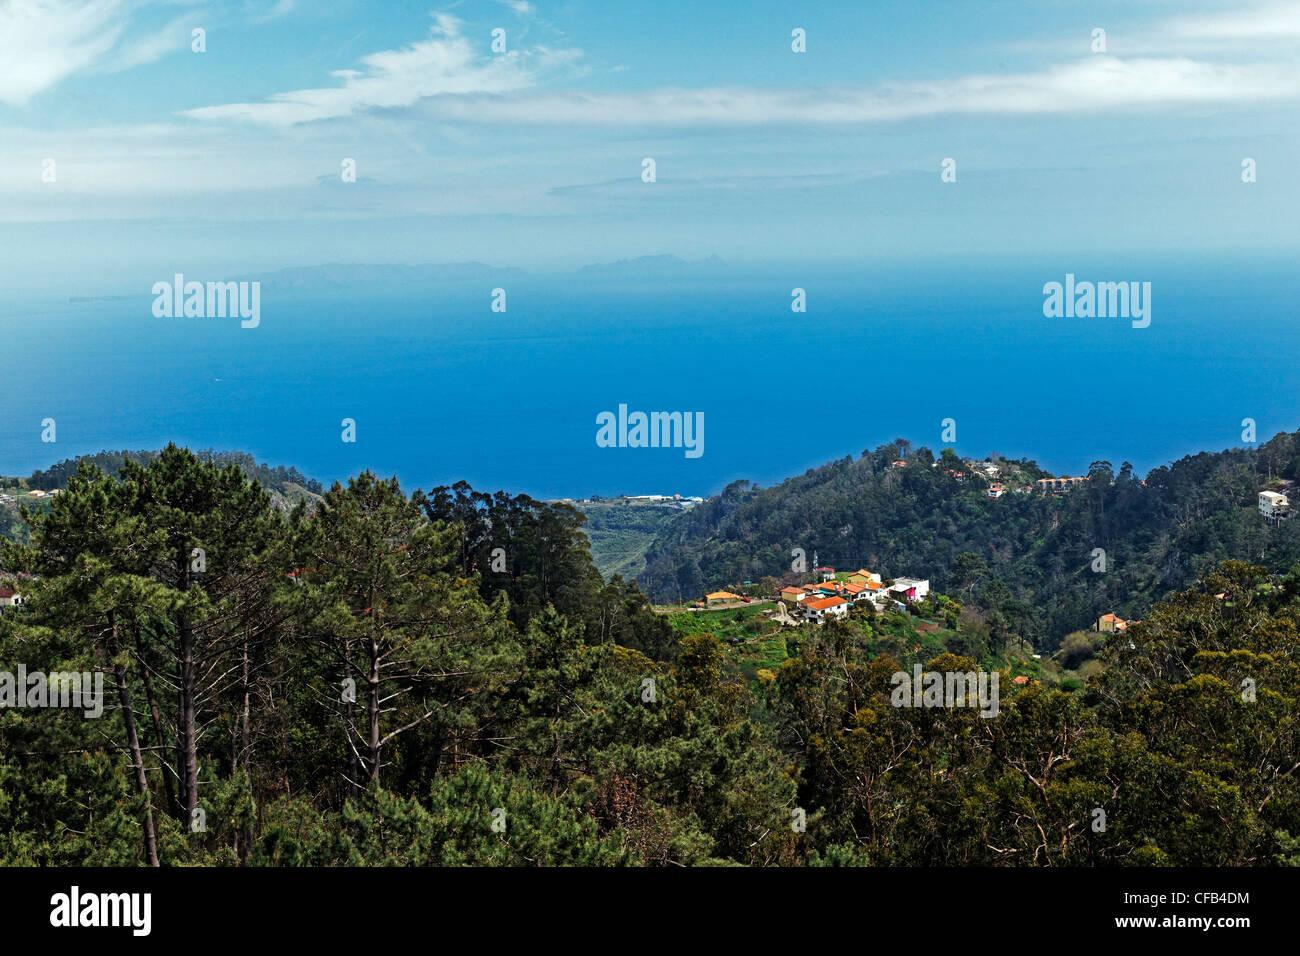 Europe, Portugal, Republica Portuguesa, Madeira, Camacha, Largo Conselheiro Aires de Omelas, Mirador, trees, buildings, - Stock Image